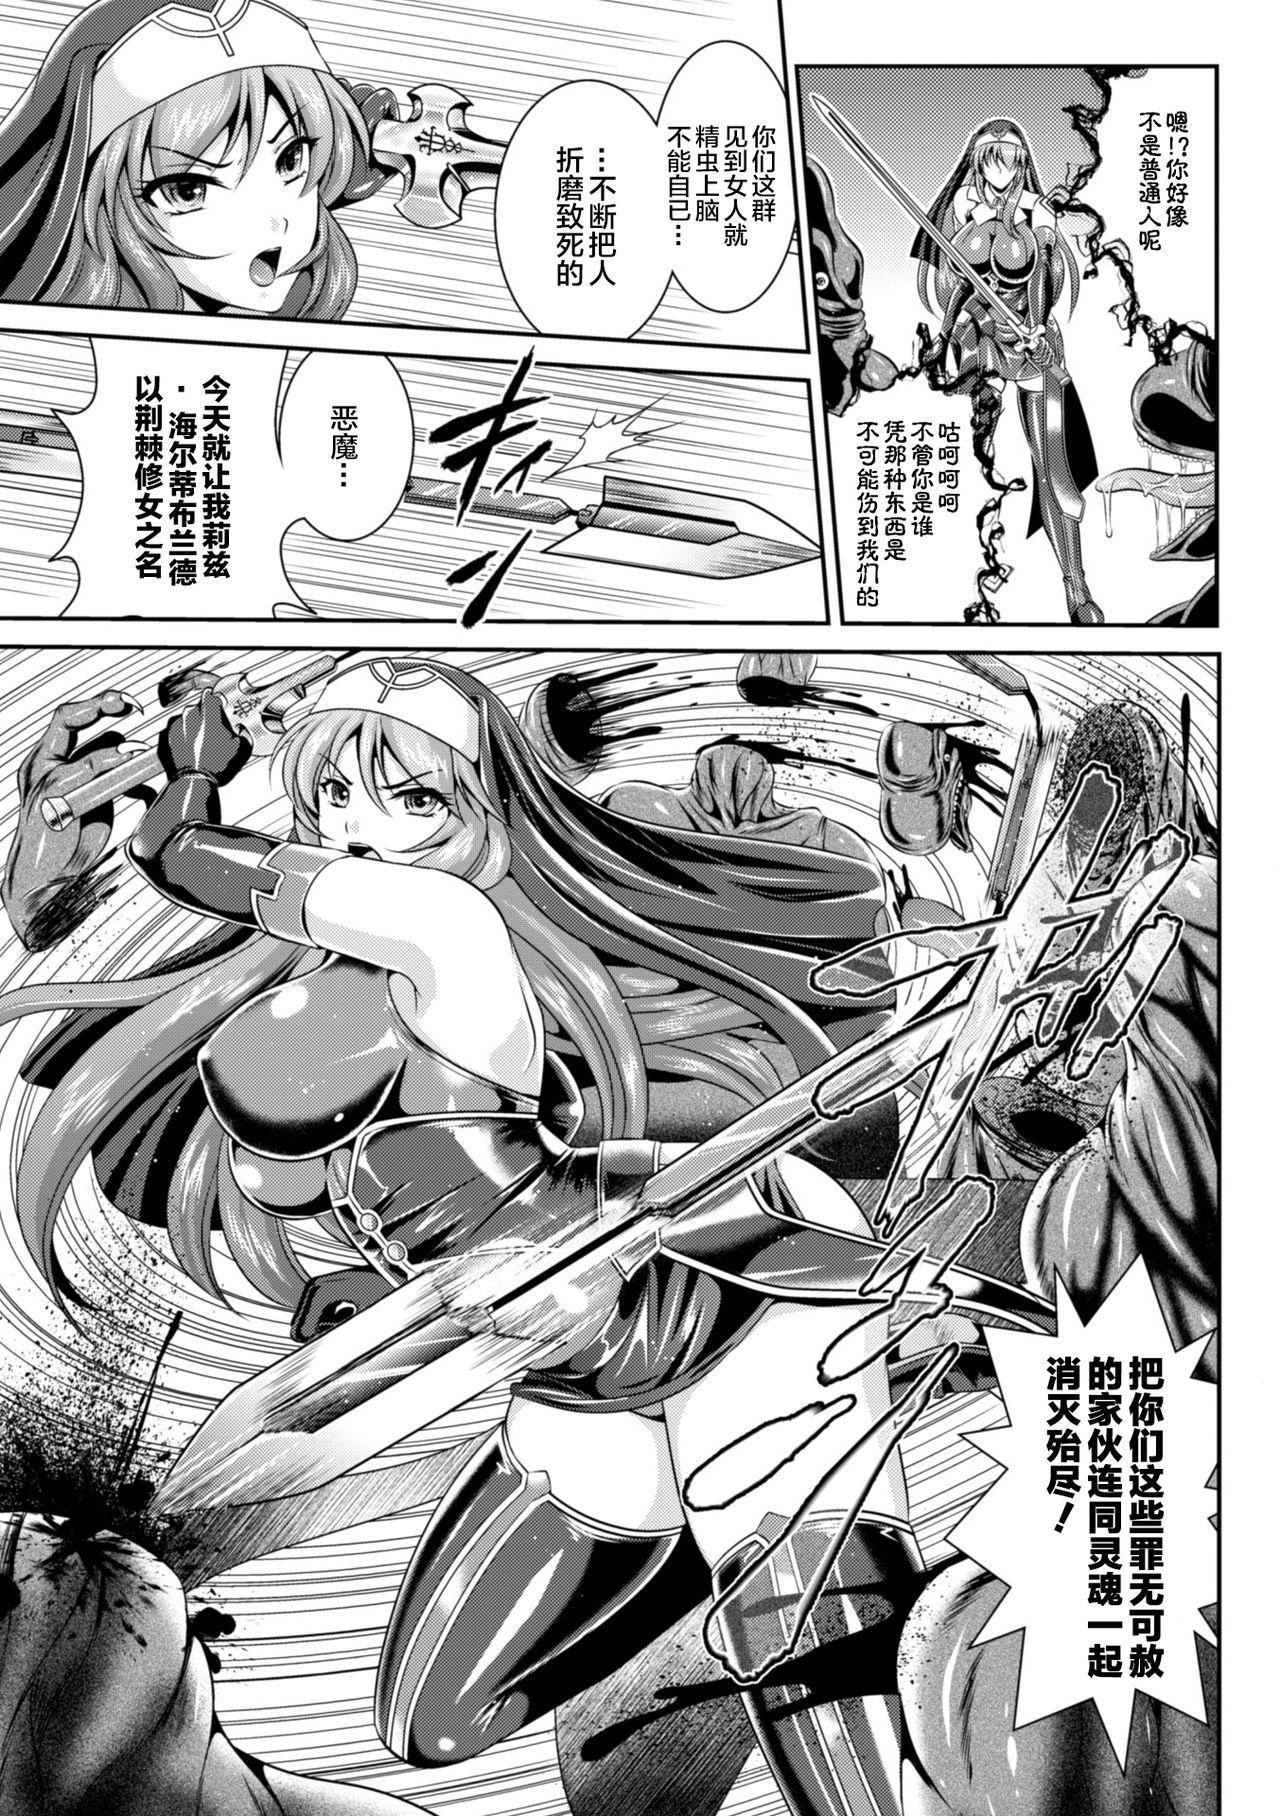 Nengoku no Liese Inzai no Shukumei ch.1 7